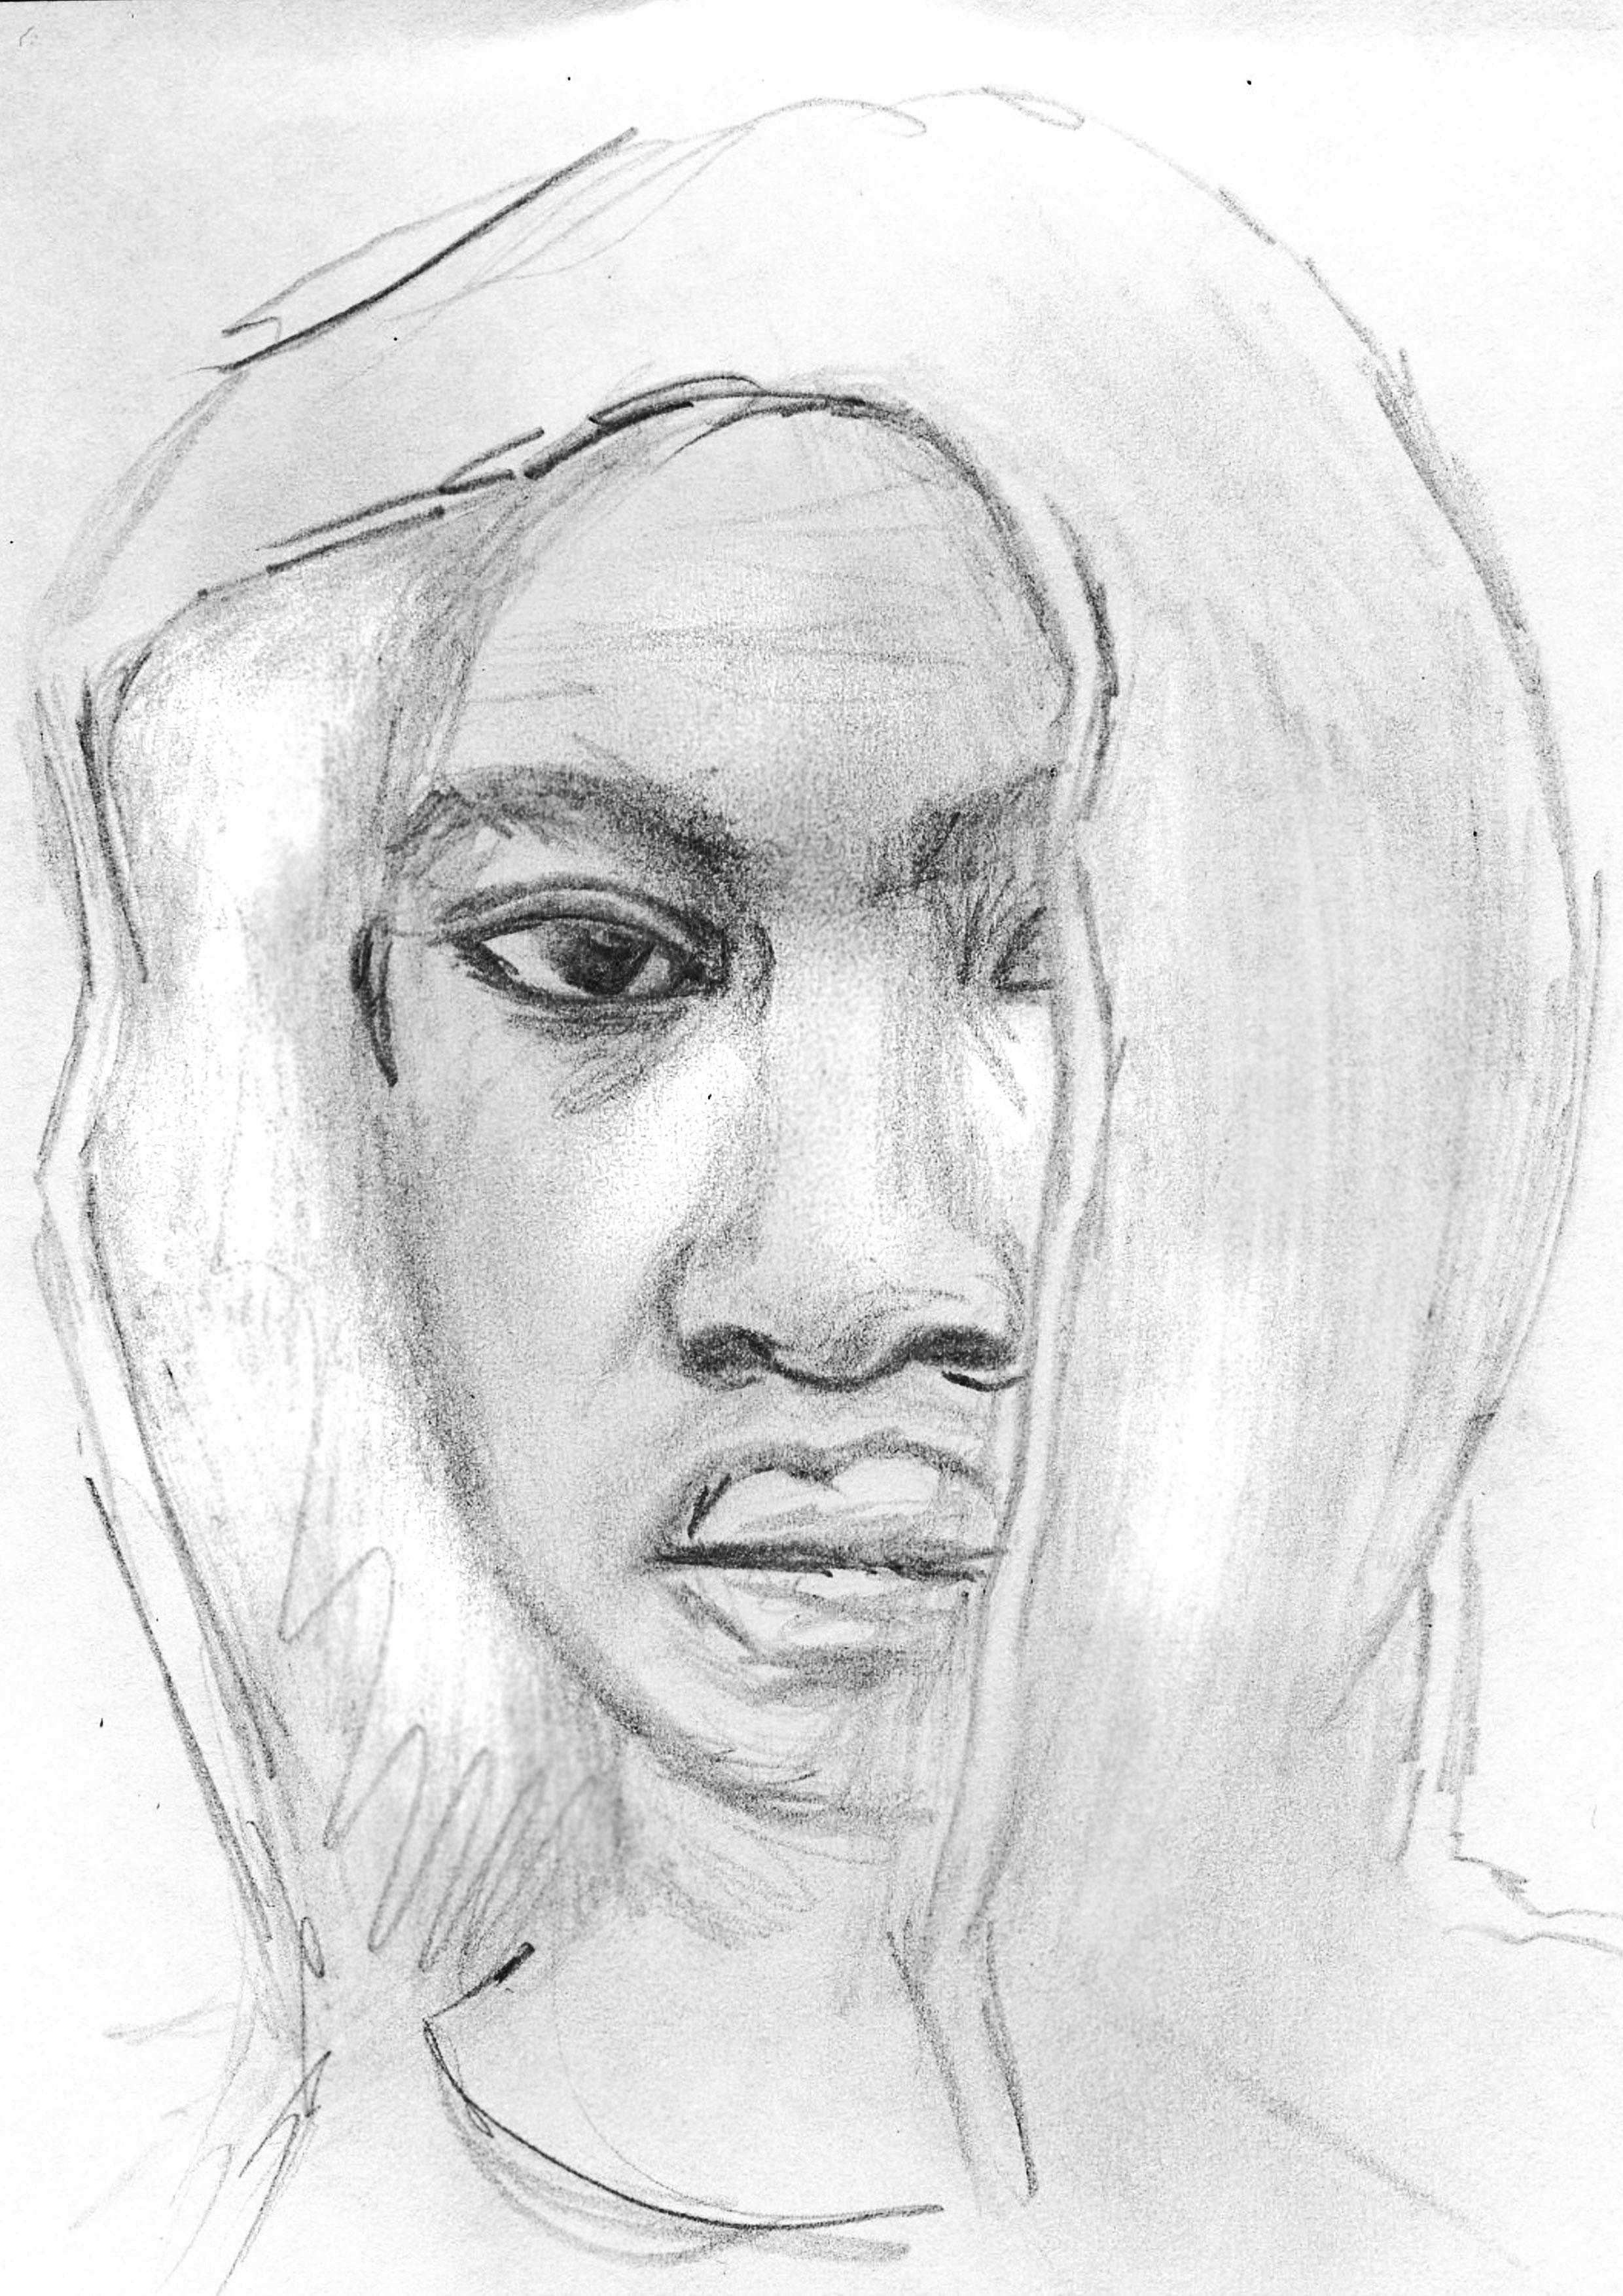 Aliou (Zeichnung: Amanda Müller)